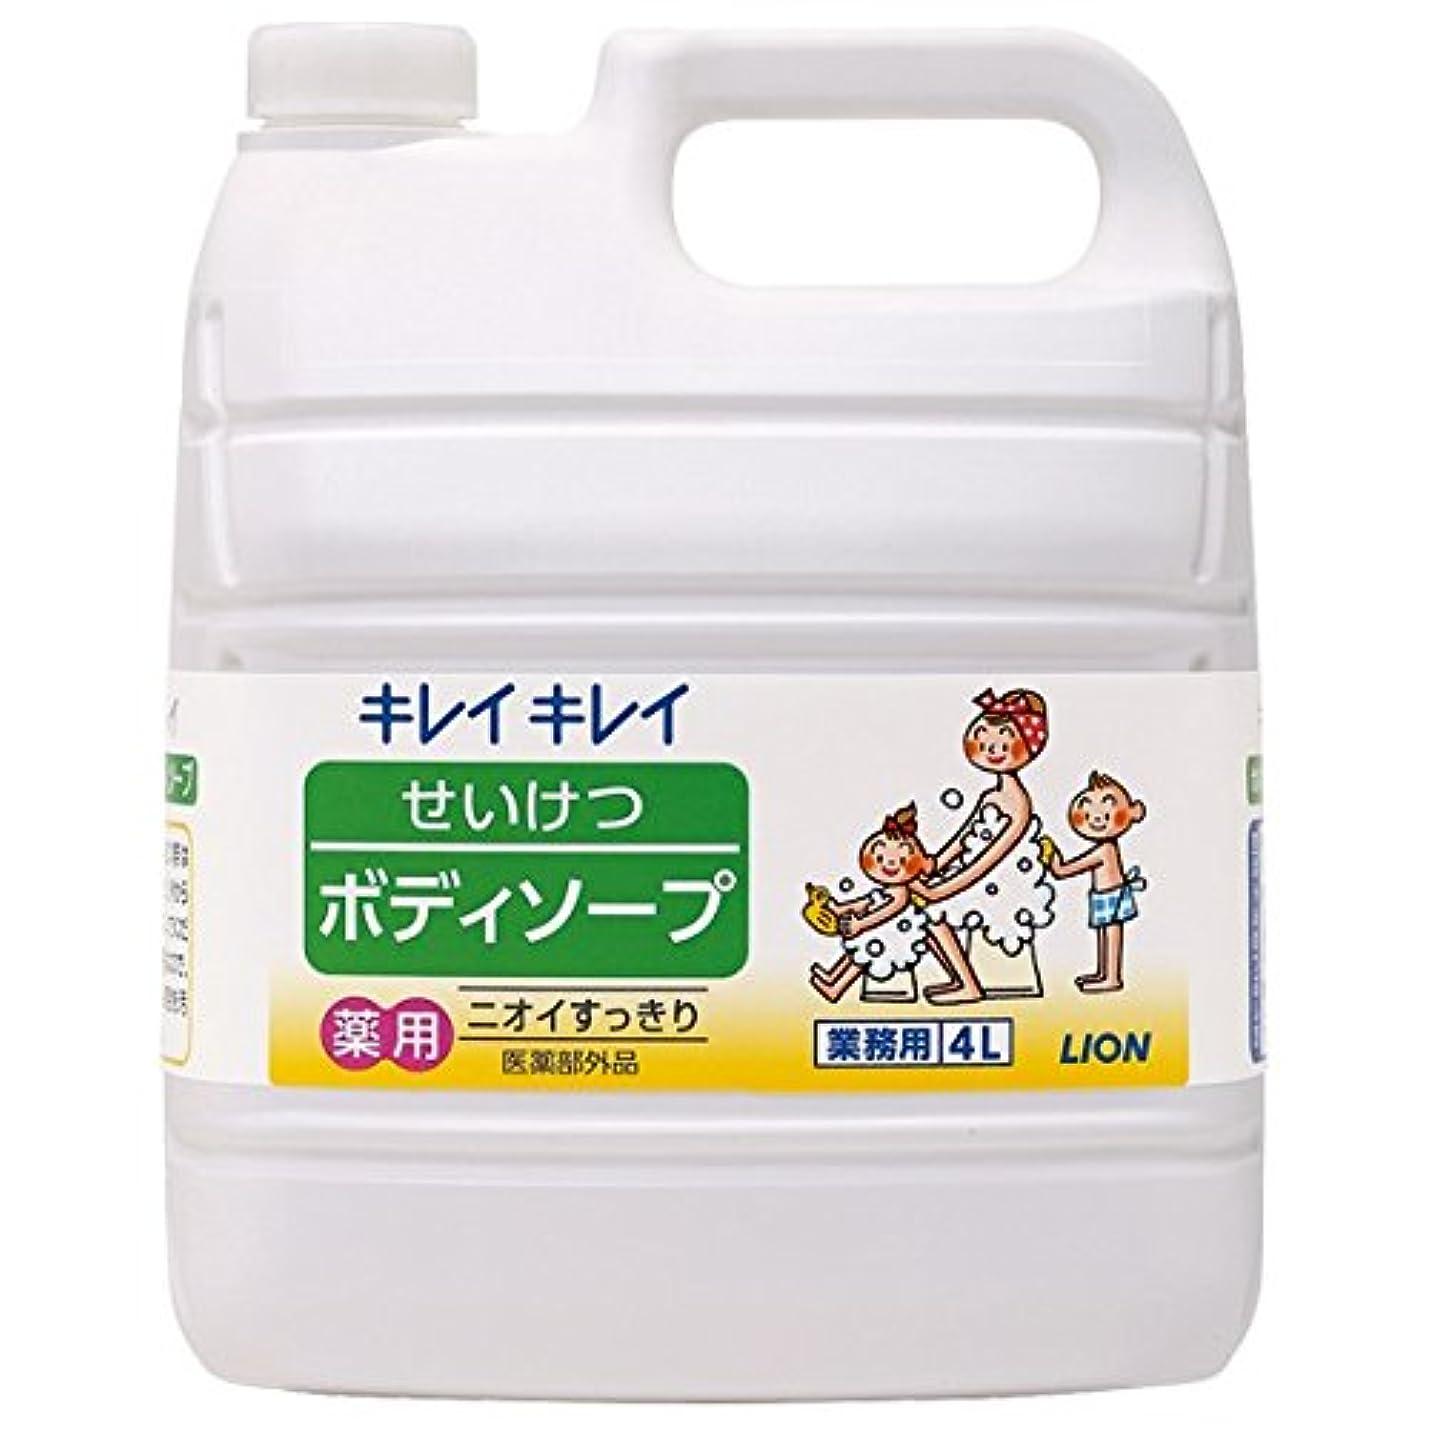 ヶ月目怪しいリビングルームライオン キレイキレイ せいけつボディソープ さわやかなレモン&オレンジの香り 業務用 4L×3本